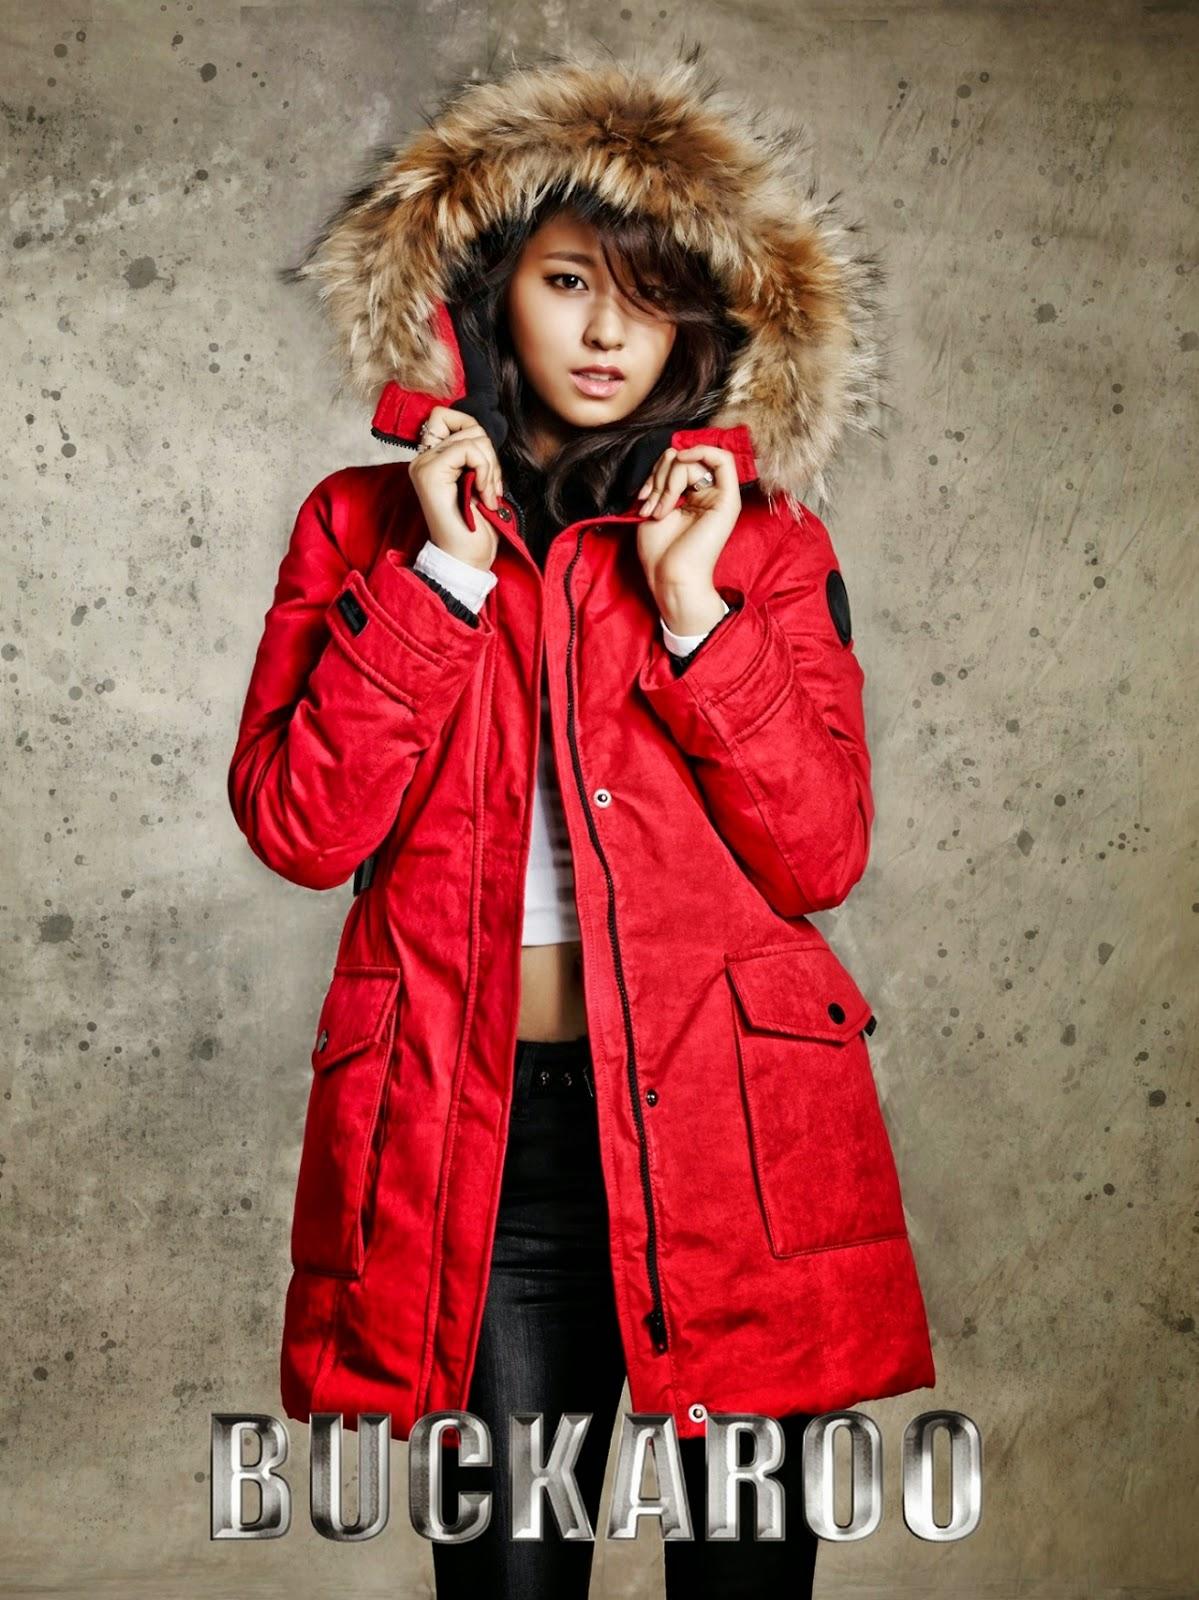 Seolhyun AOA Buckaroo Fall Winter 2014